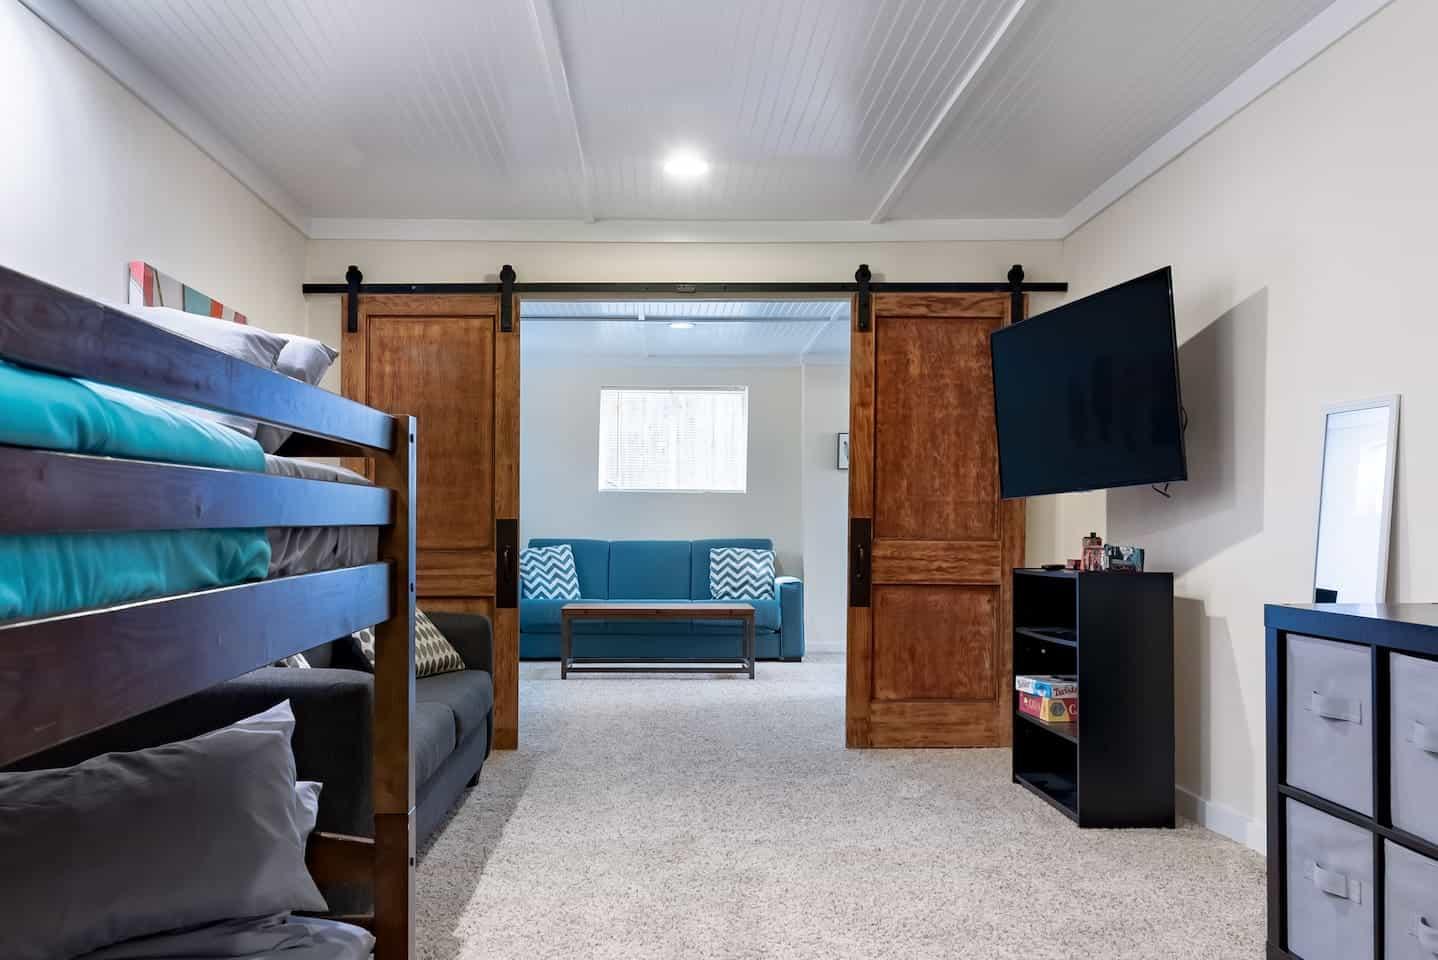 Image of Airbnb rental in Colorado Springs